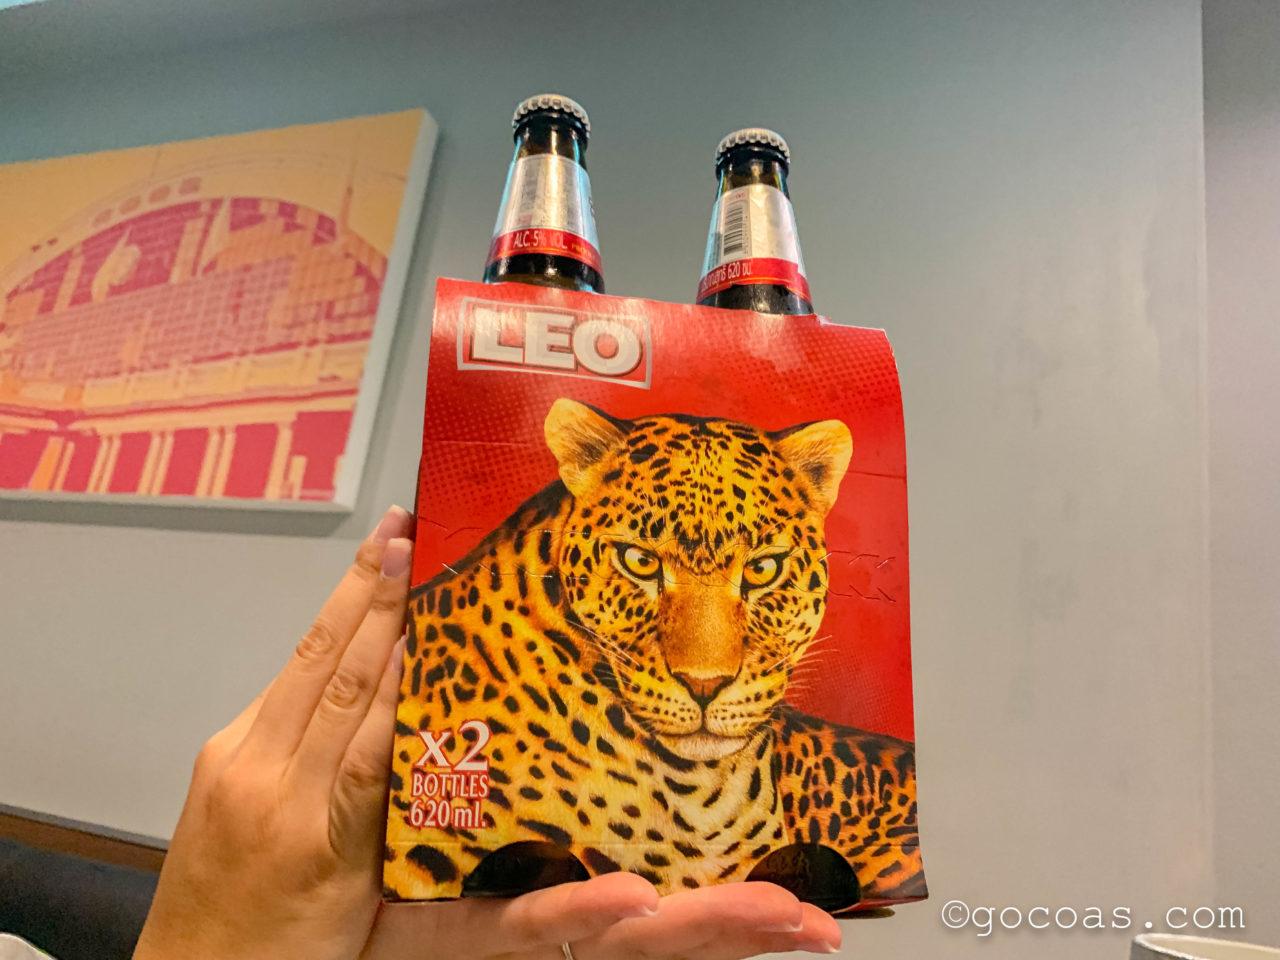 バンコクのコンビニで買ったヒョウのデザインのLEOビール